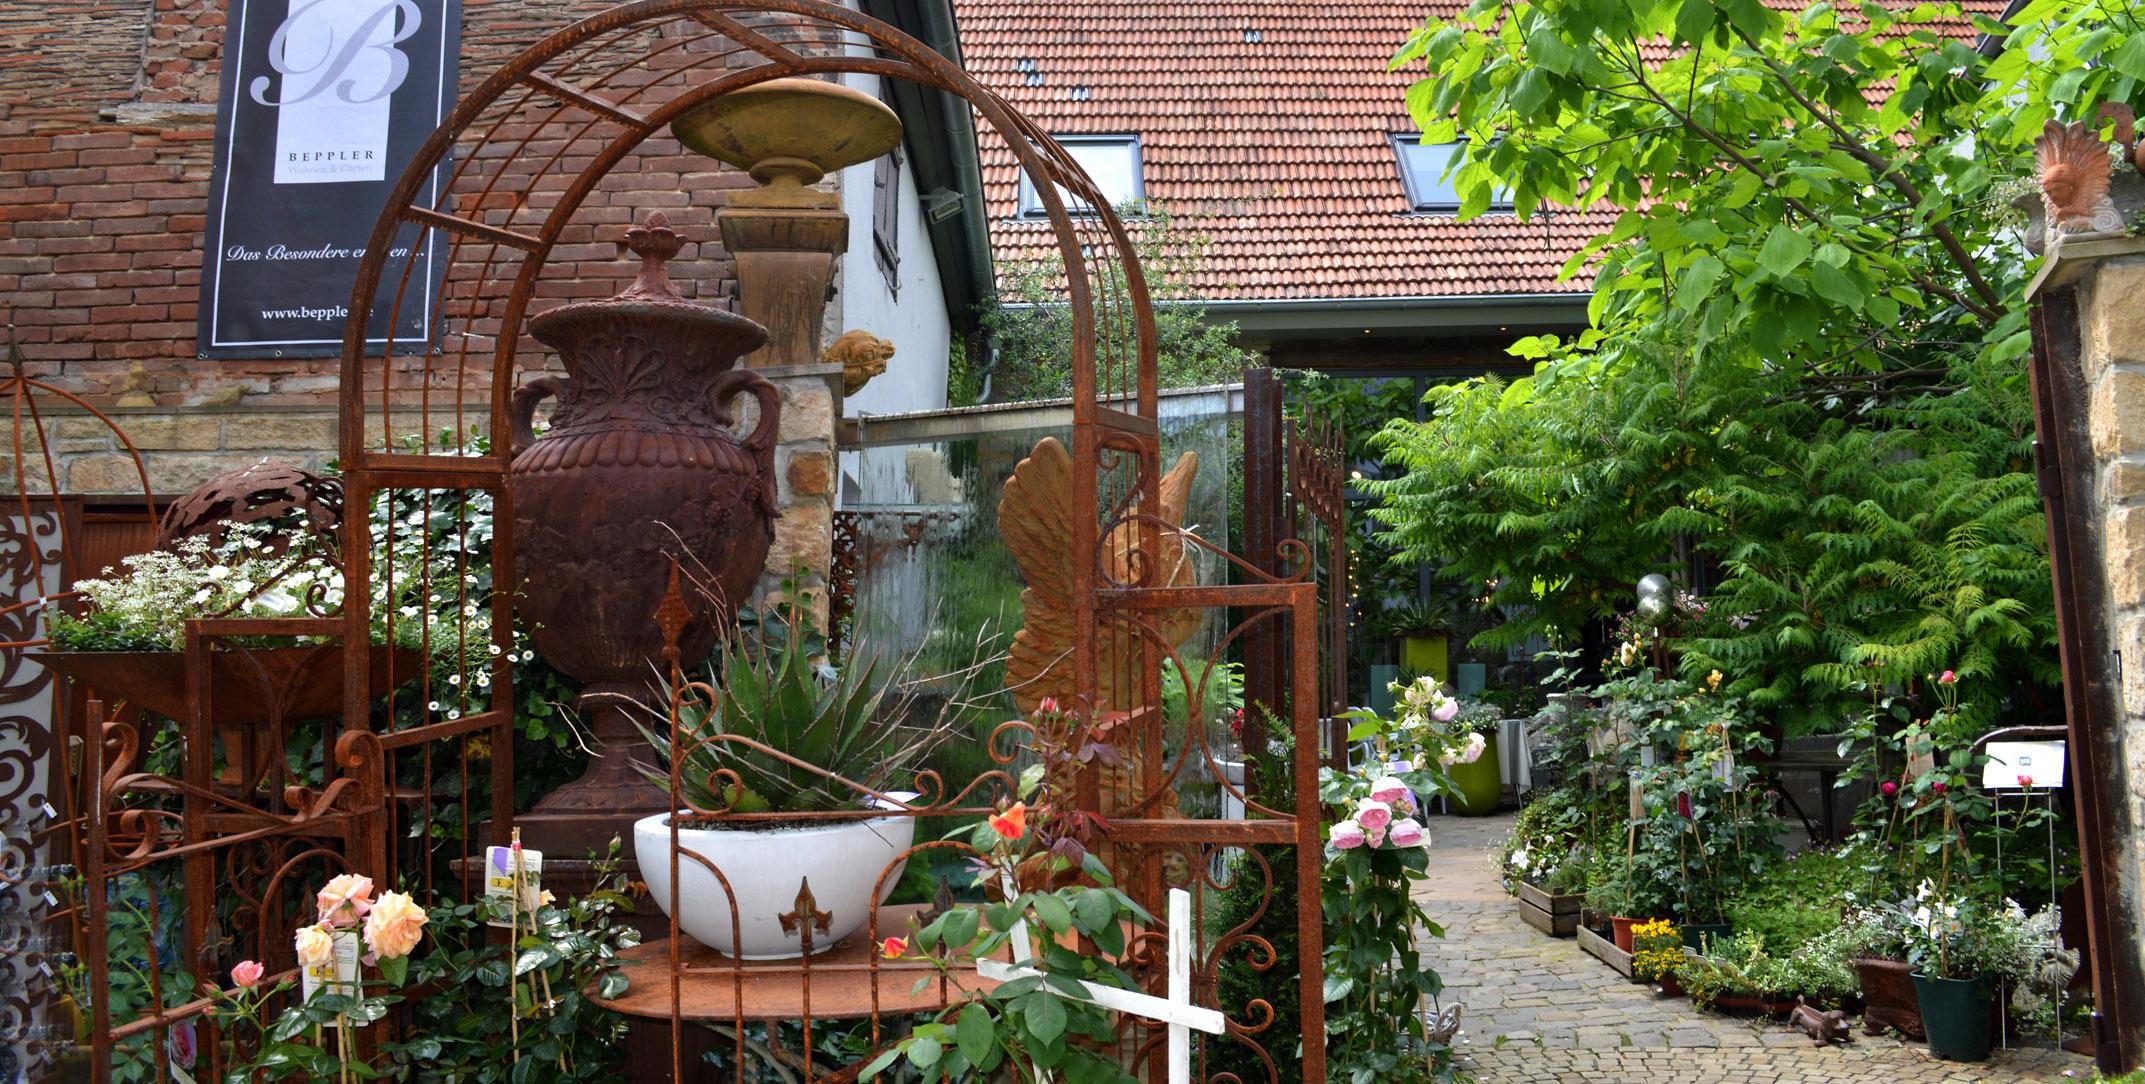 beppler wohnen & garten, Garten und bauen